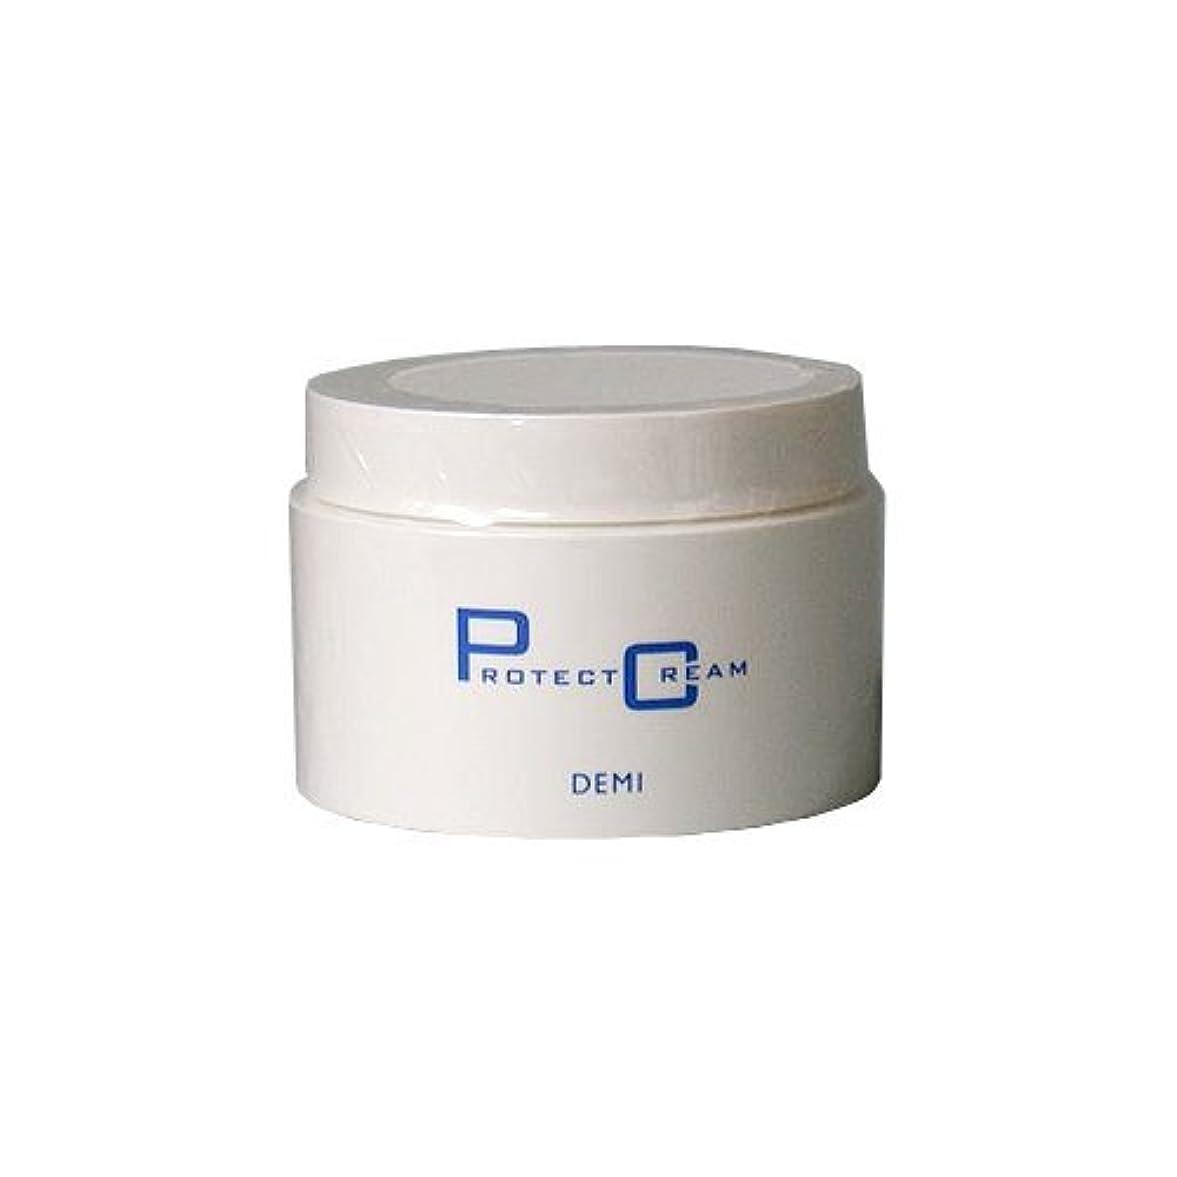 環境ゲート性差別デミ プロテクトクリーム 170g